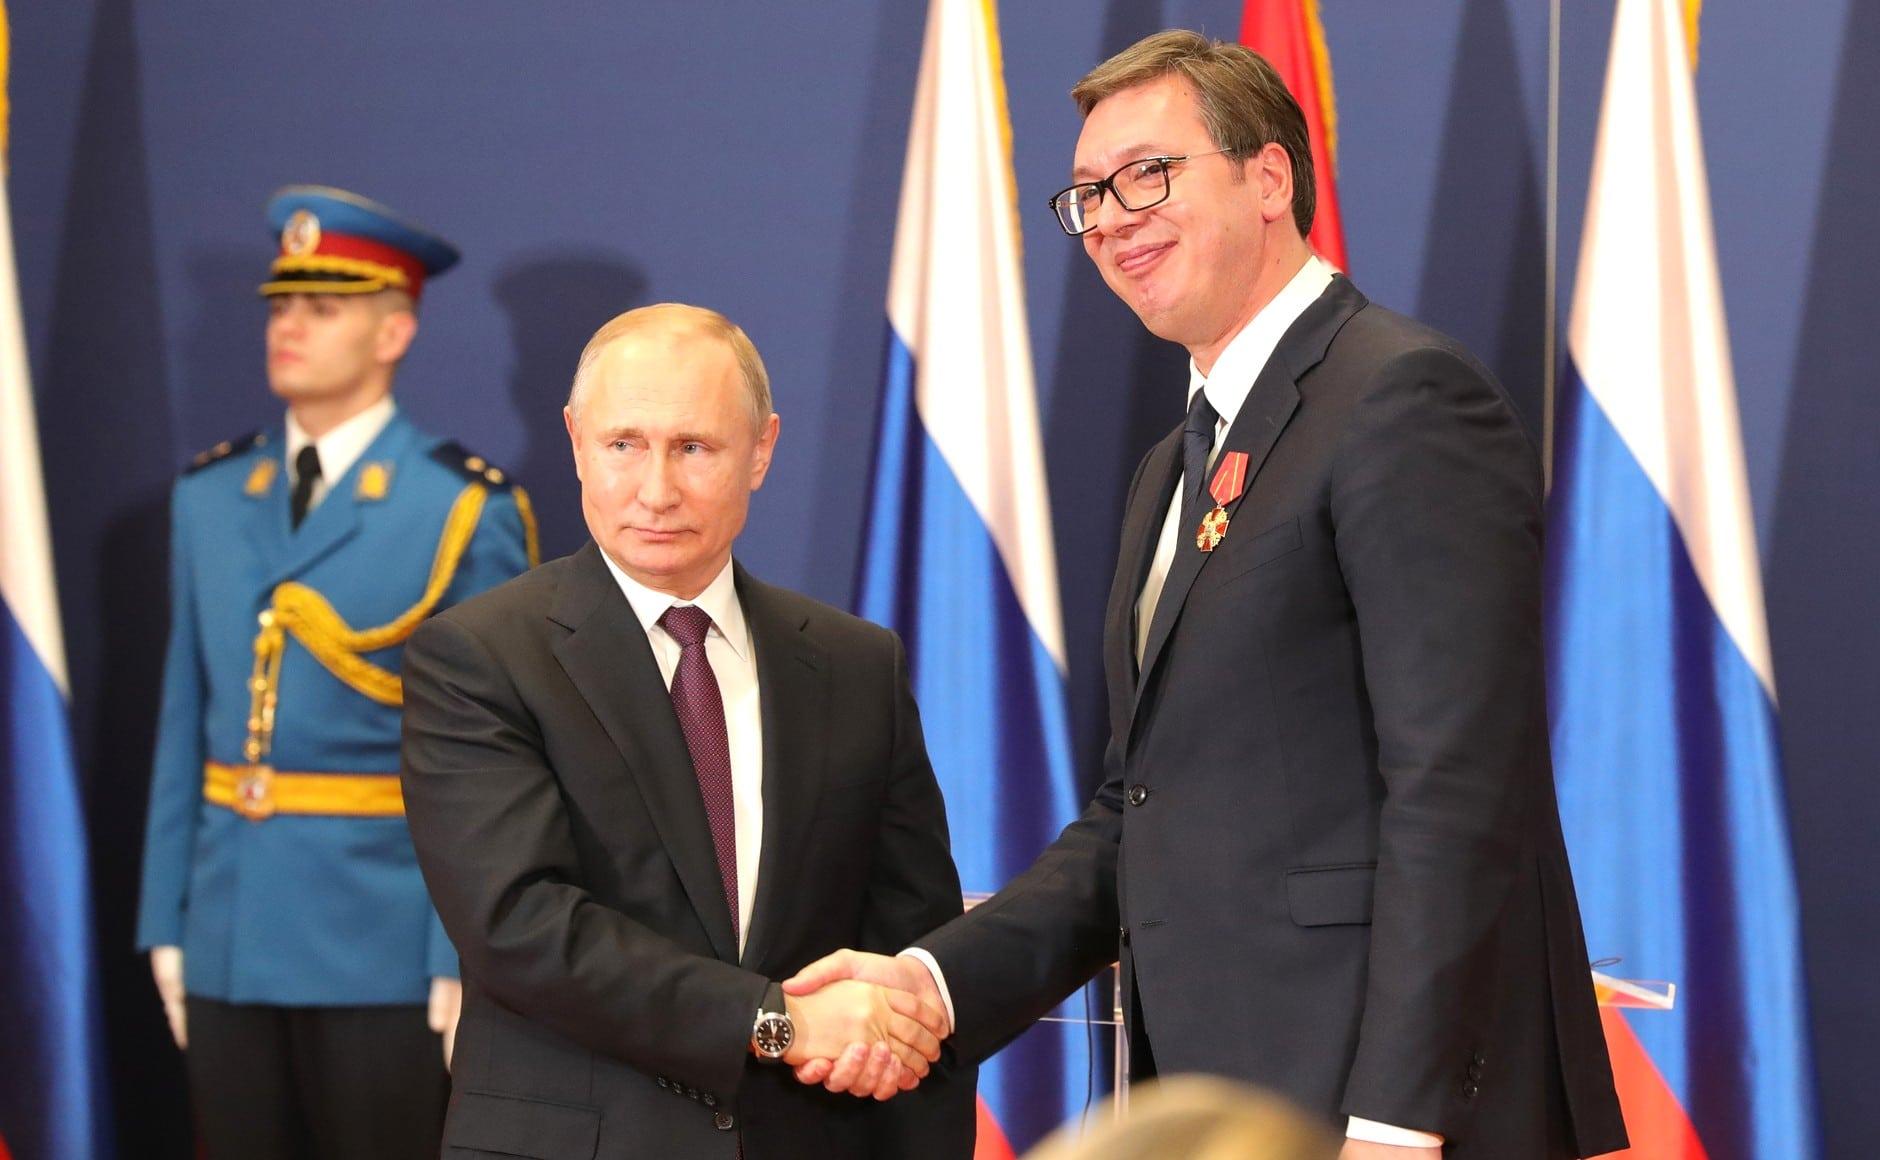 Putyin és Lavrov bocsánatot kért Vucictól az orosz külügyi szóvivő Facebook-posztja miatt